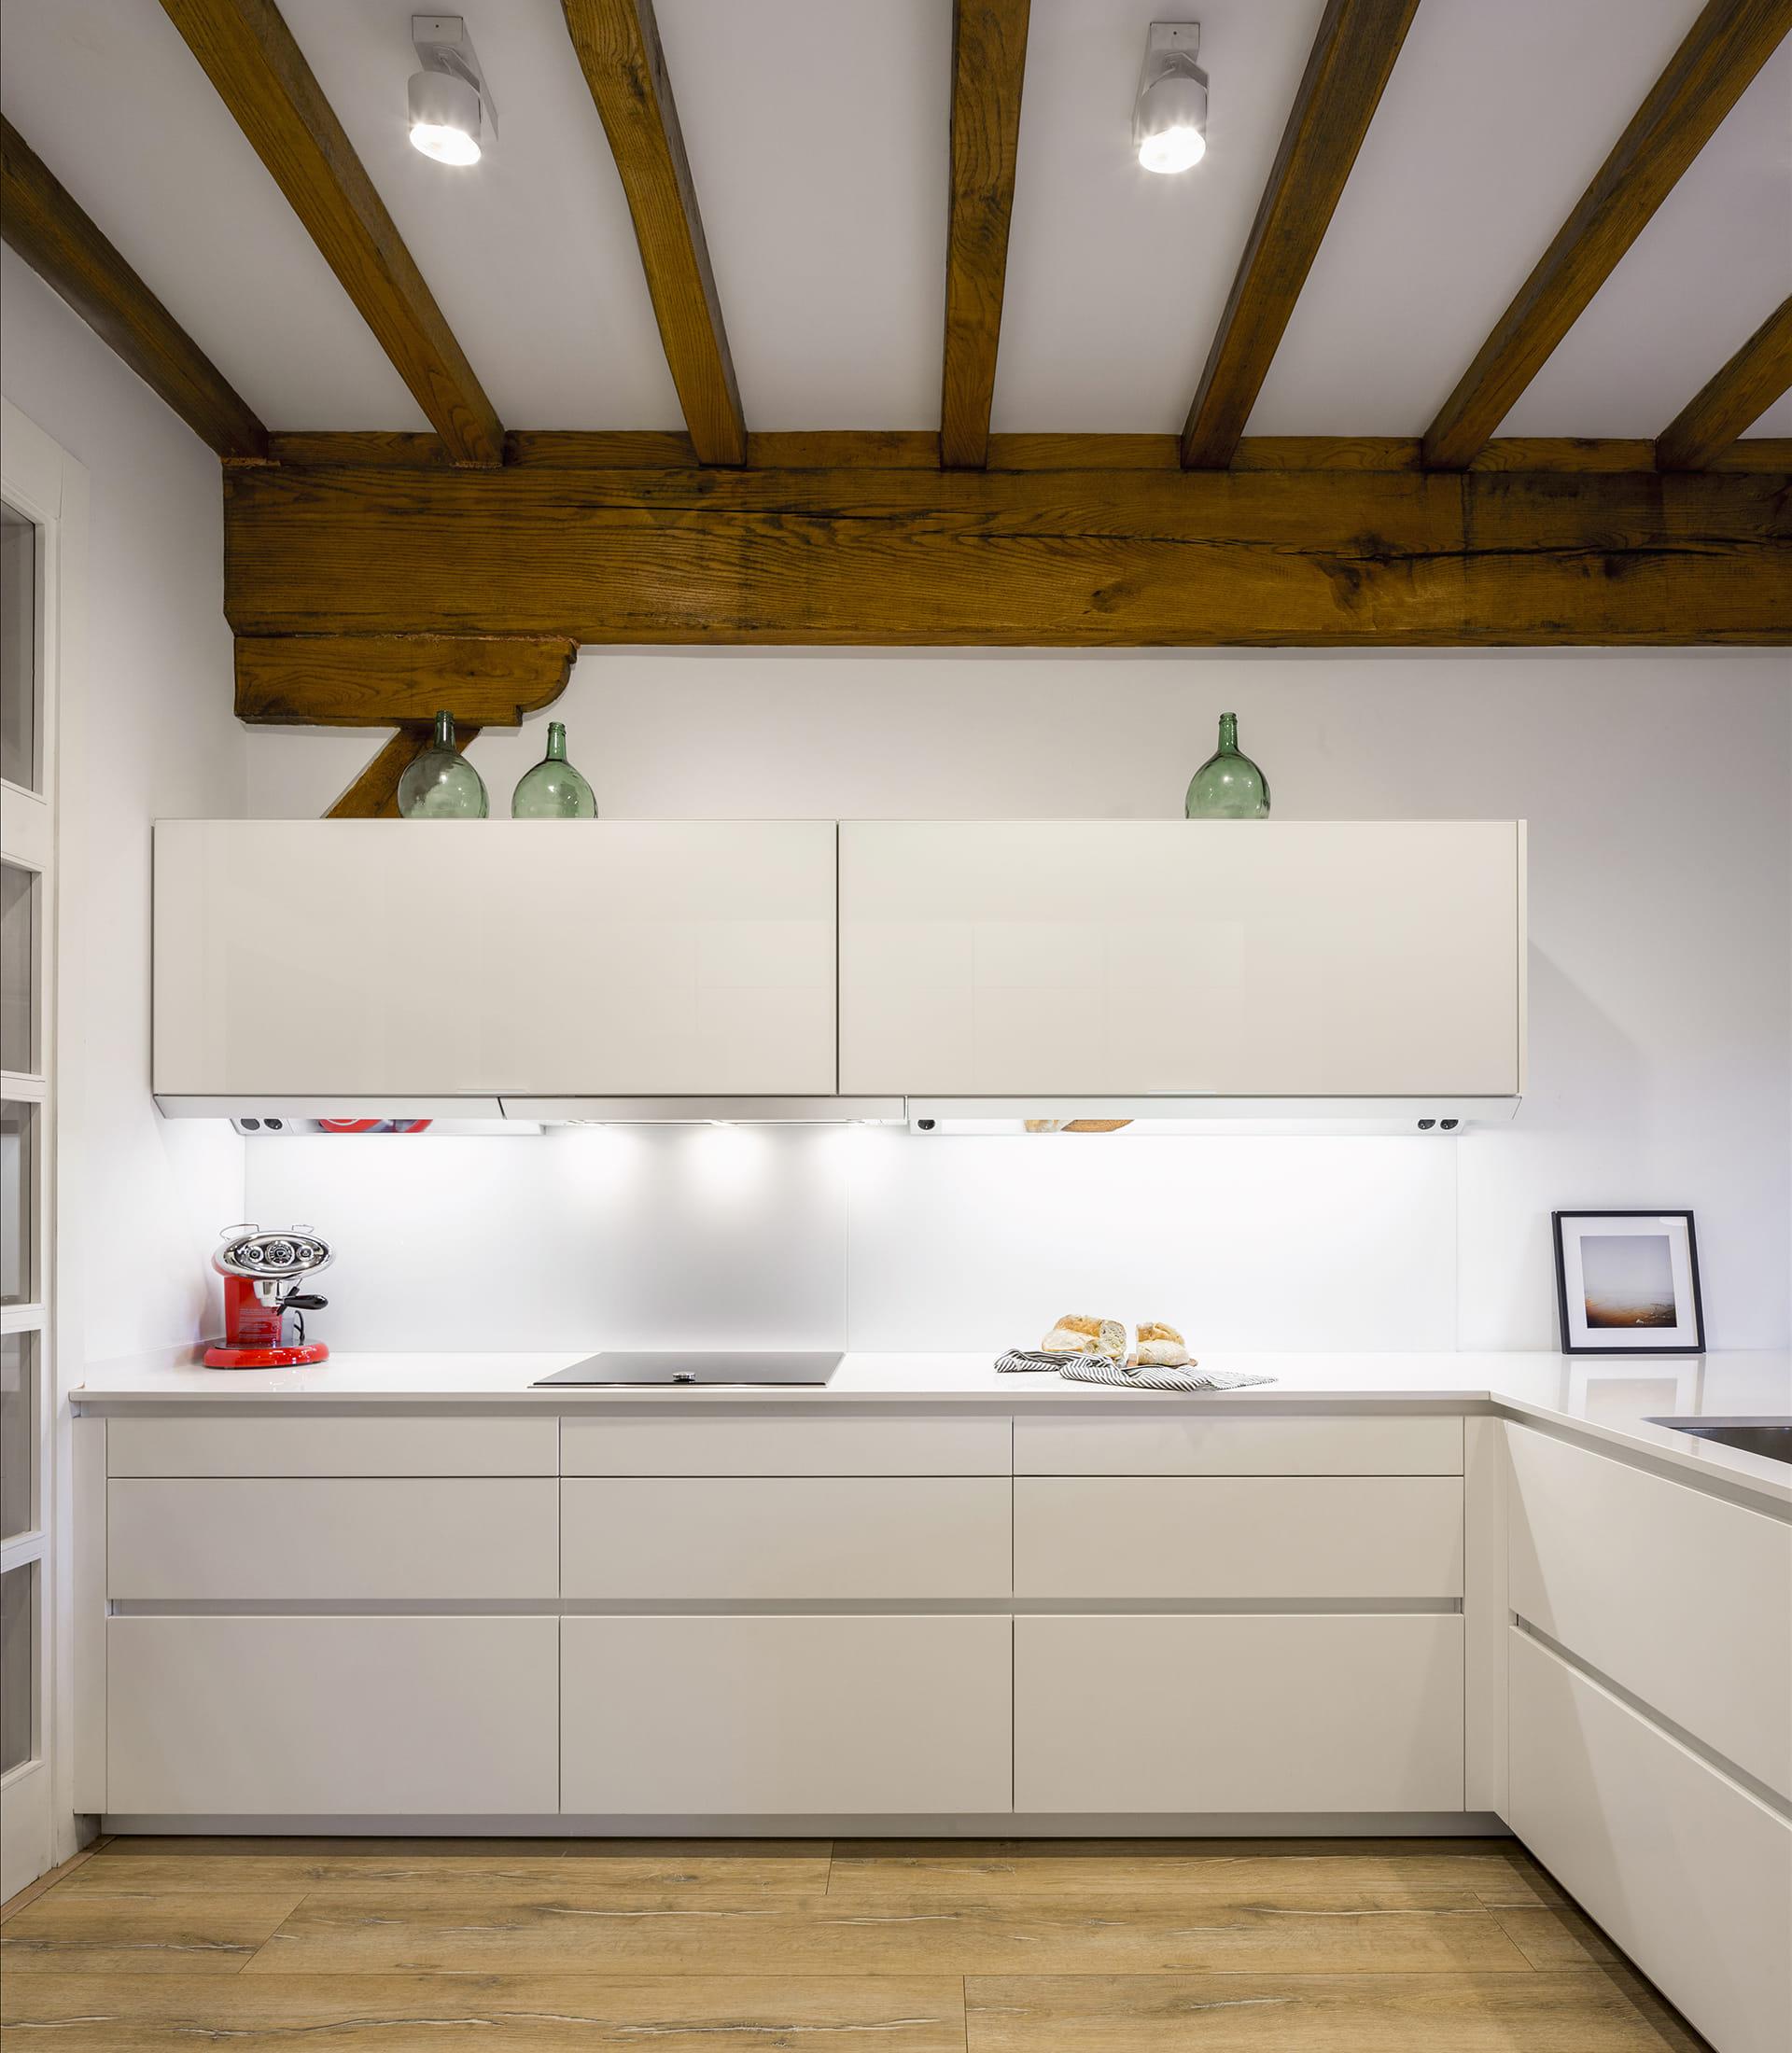 Cuisine blanche et plafond en bois